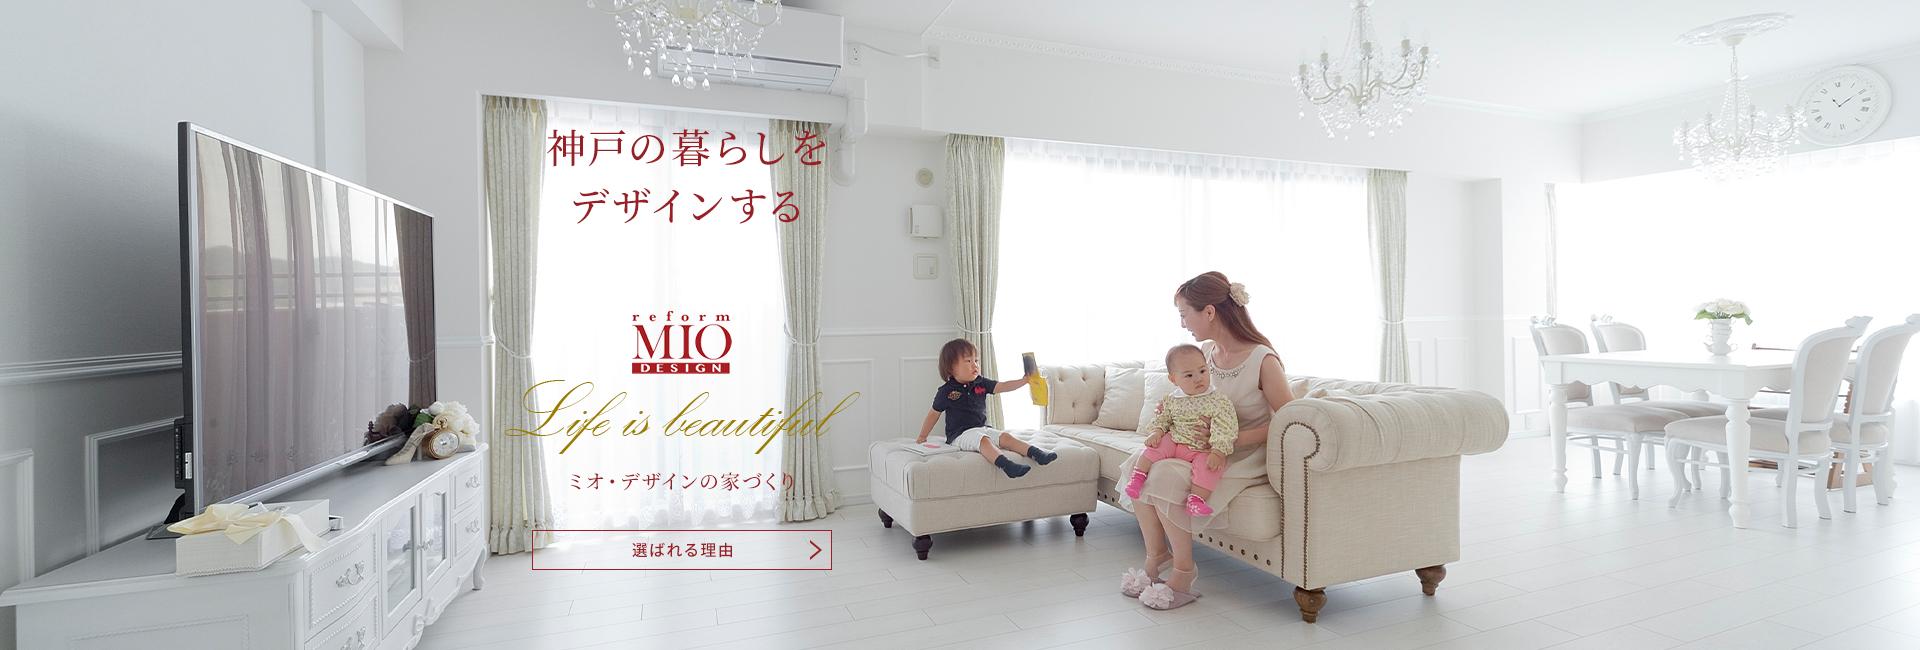 神戸の暮らしをデザインする ミオ・デザインの家づくり